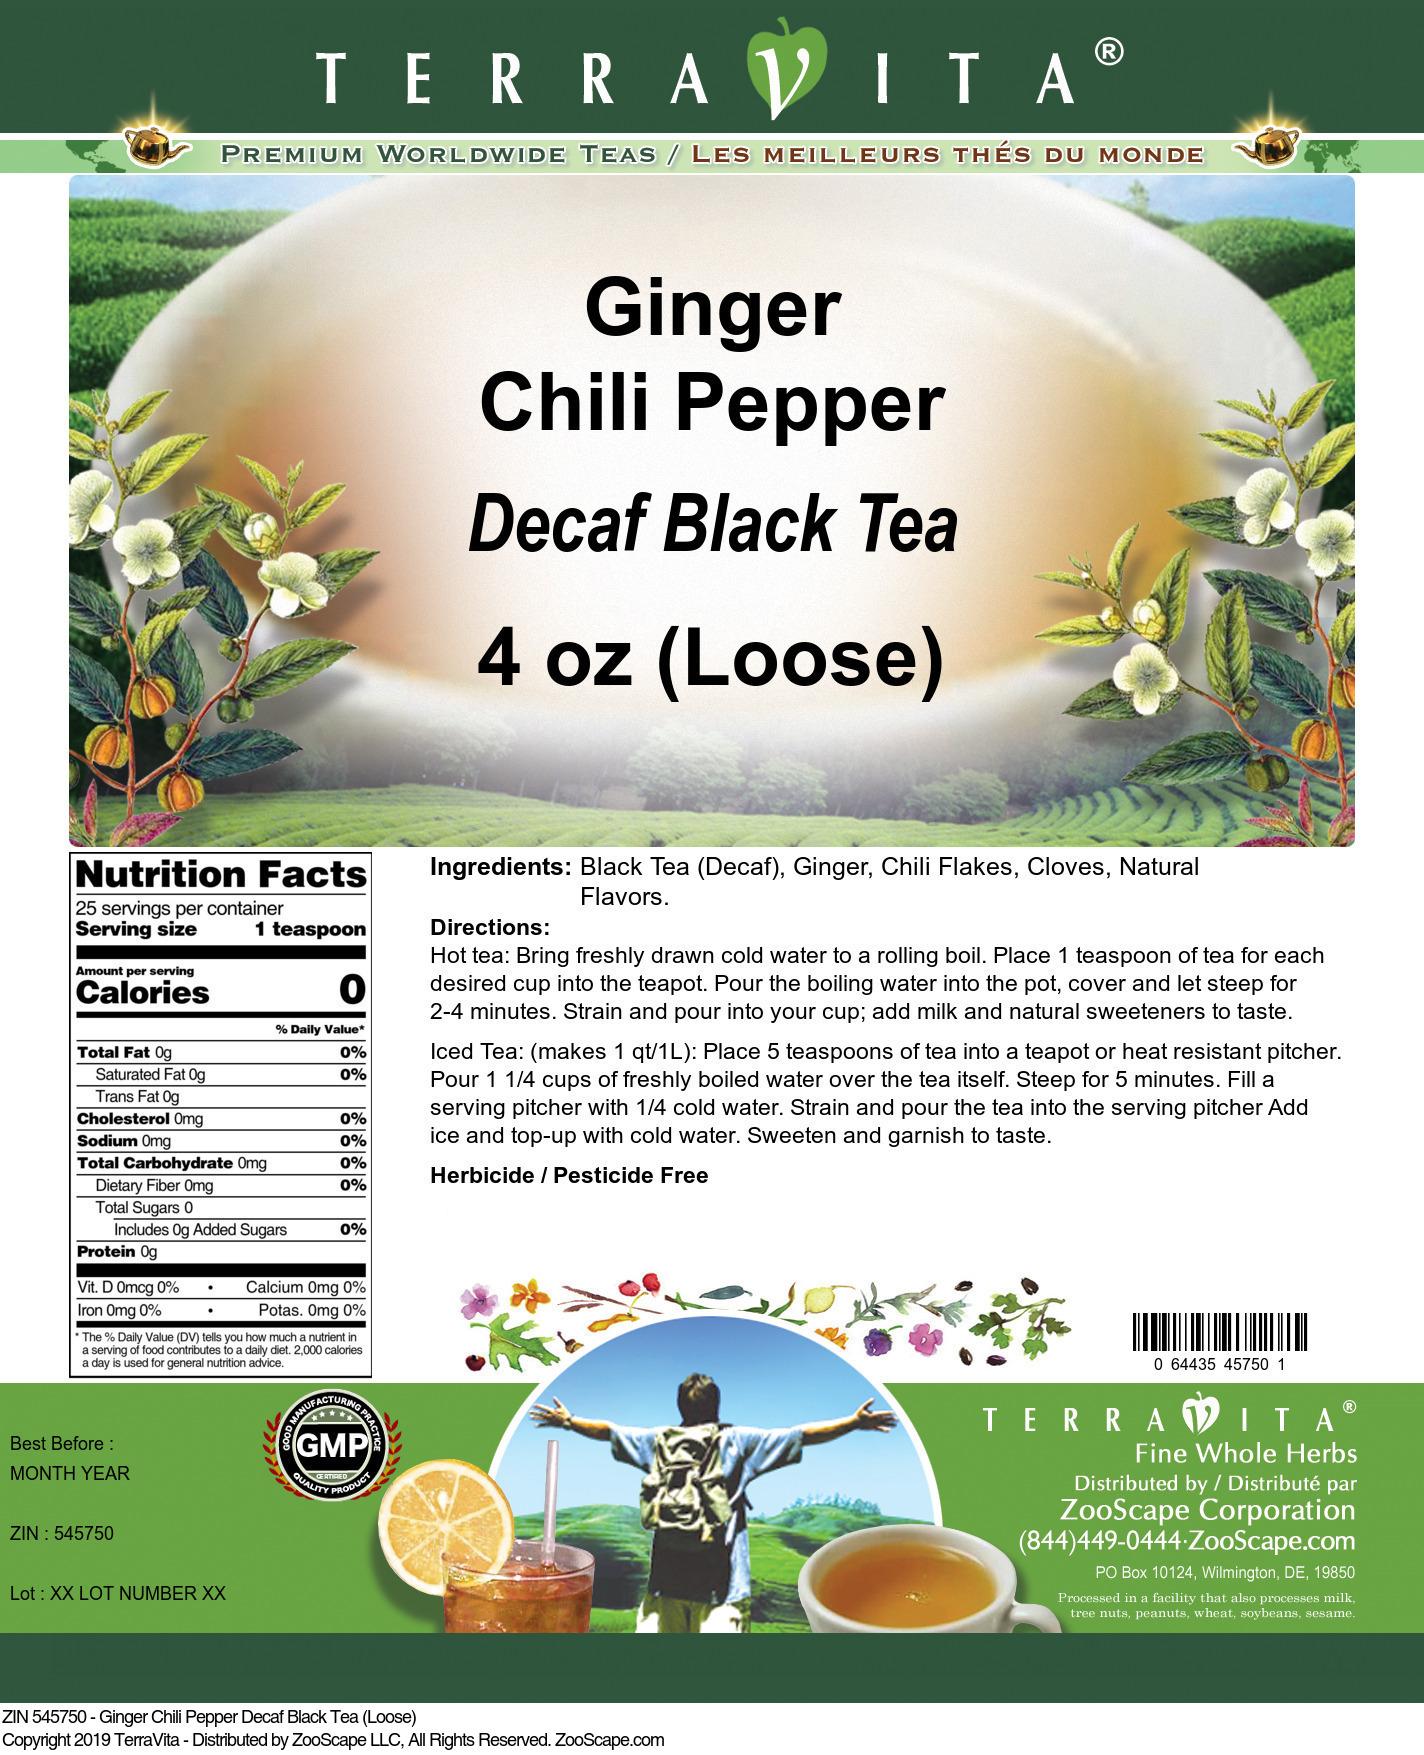 Ginger Chili Pepper Decaf Black Tea (Loose)